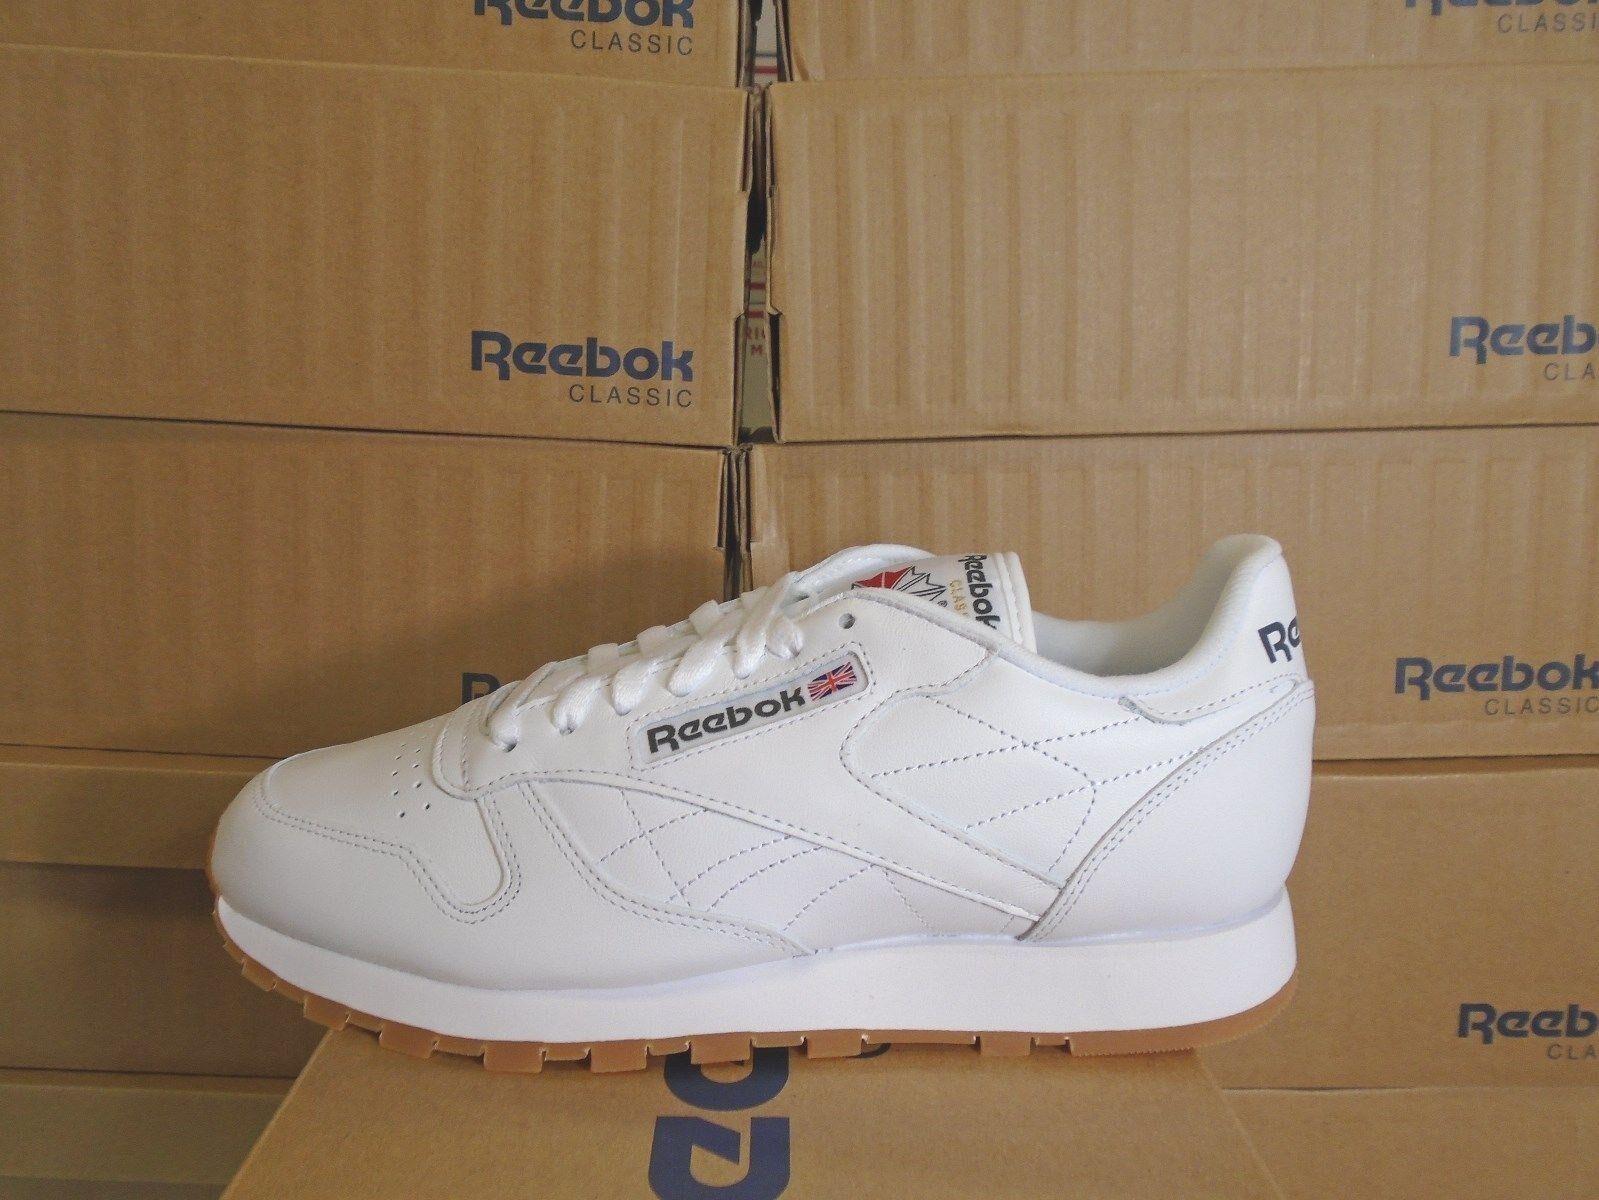 11c32950a3c9 Купить MENS REEBOK CLASSIC LEATHER WHITE-GUM  49797  на eBay.com из ...